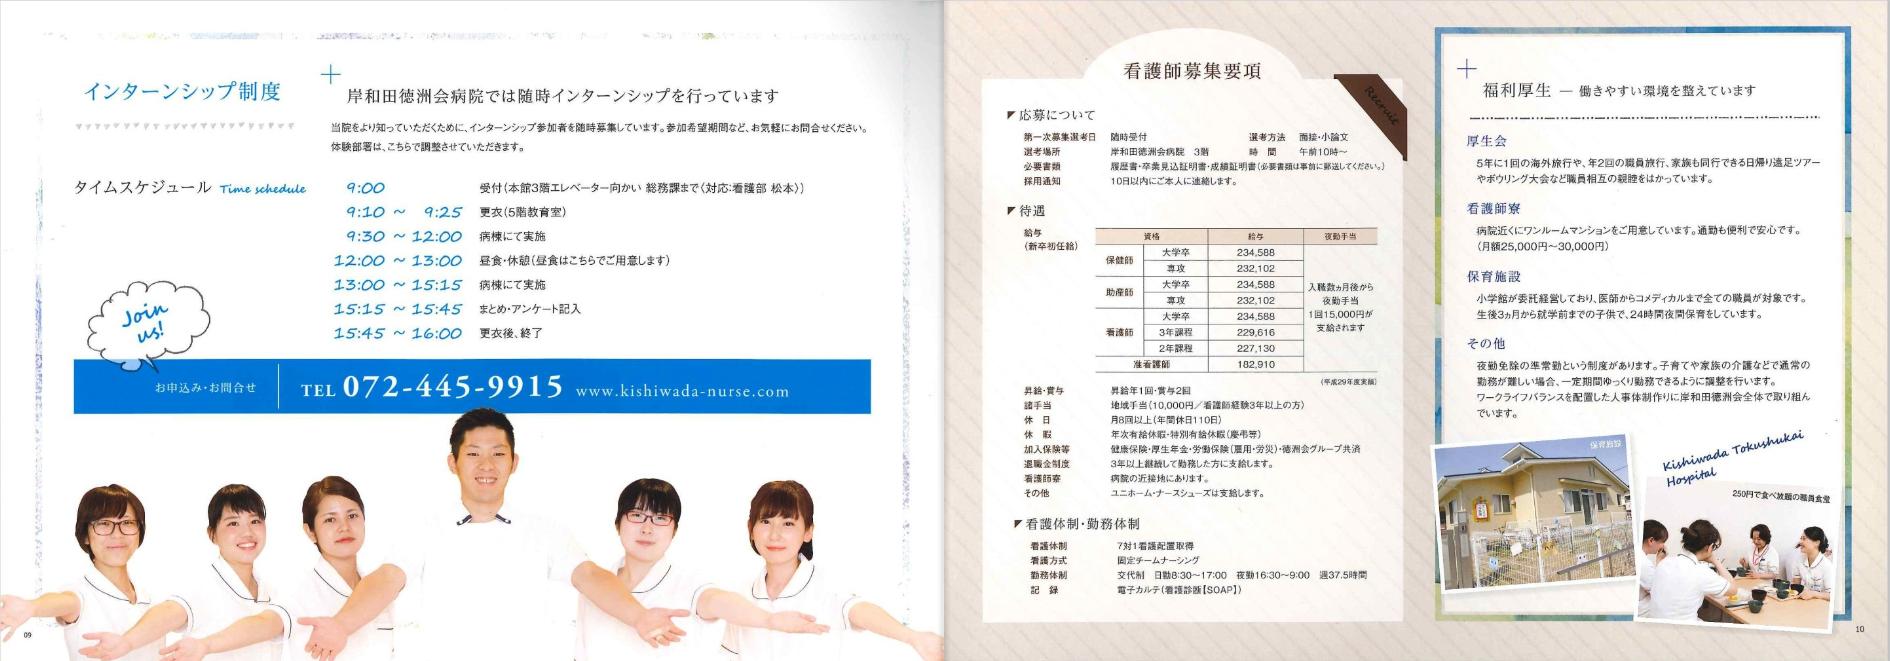 2000年4月作成「岸和田徳洲会病院」看護部パンフレット_サブ画像